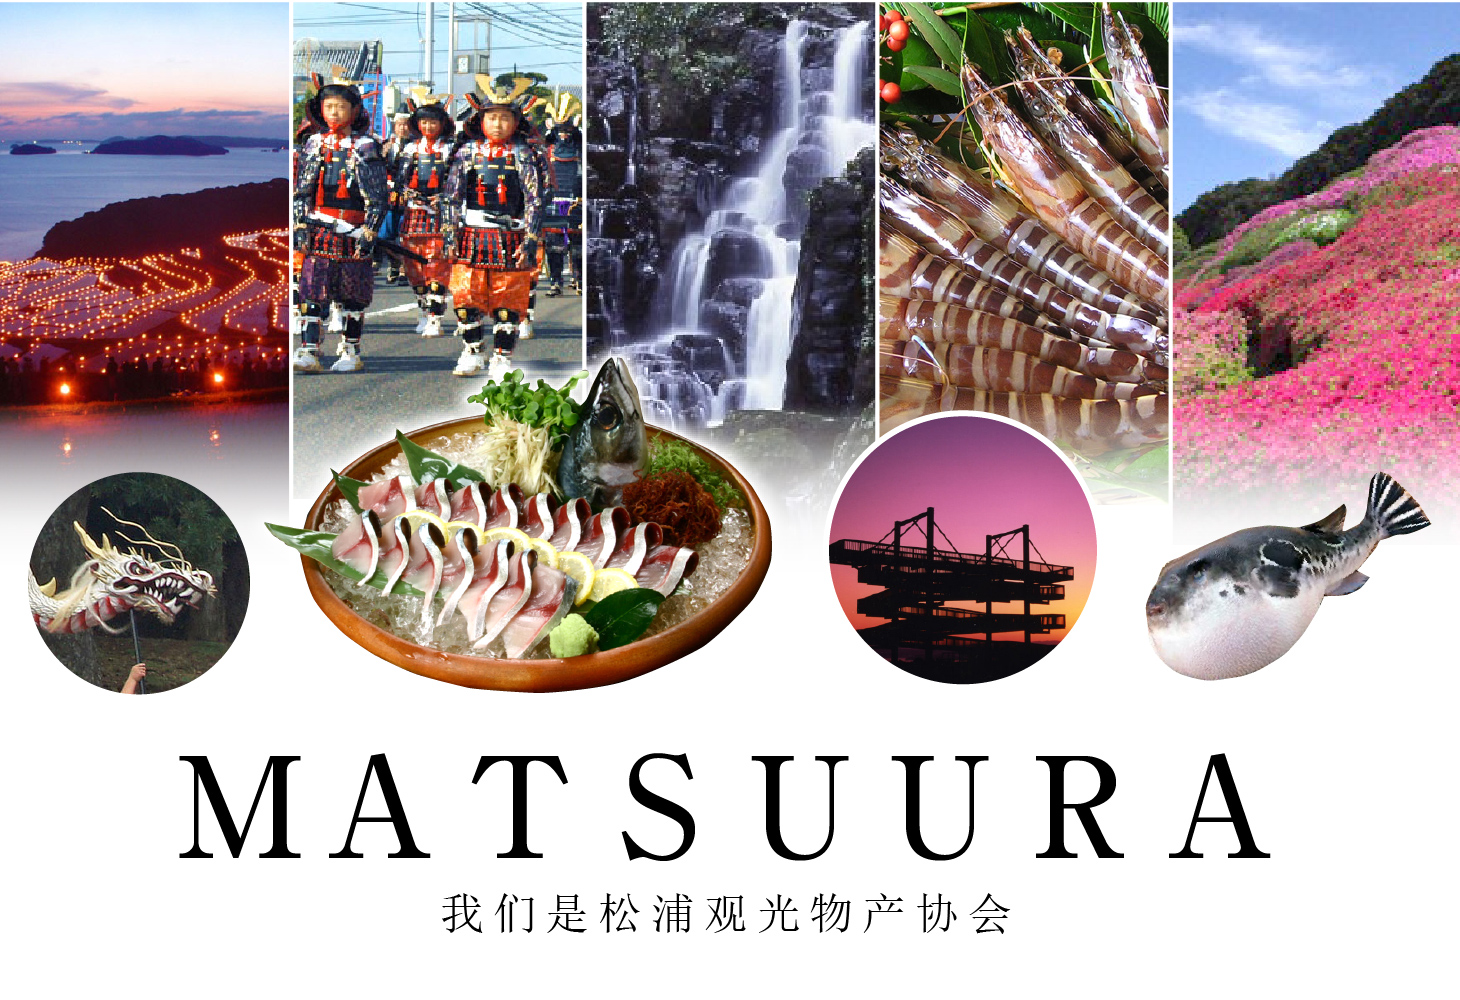 我们是松浦观光物产协会。